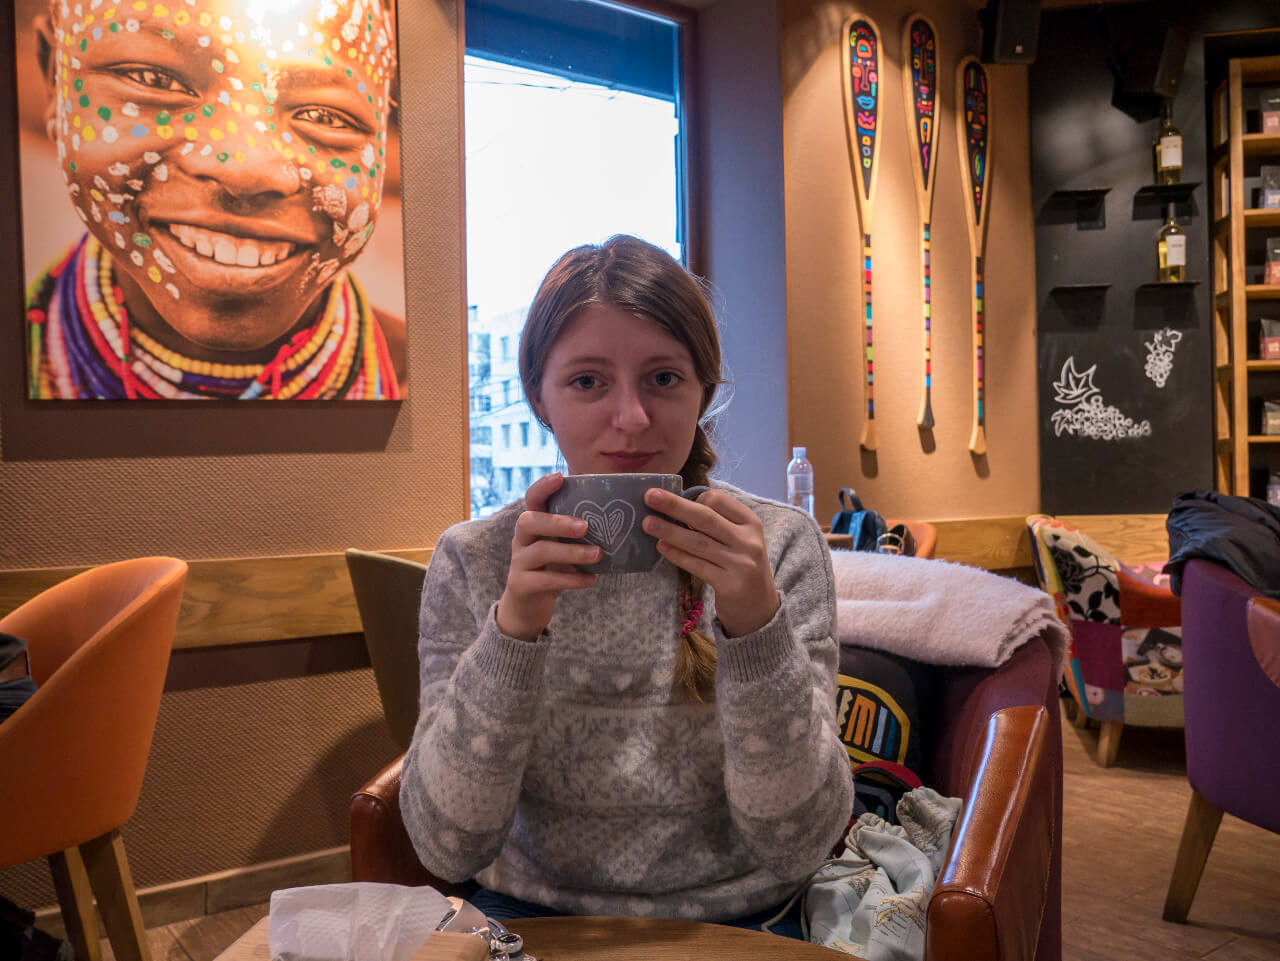 Natalia pije kawę w kawiarni